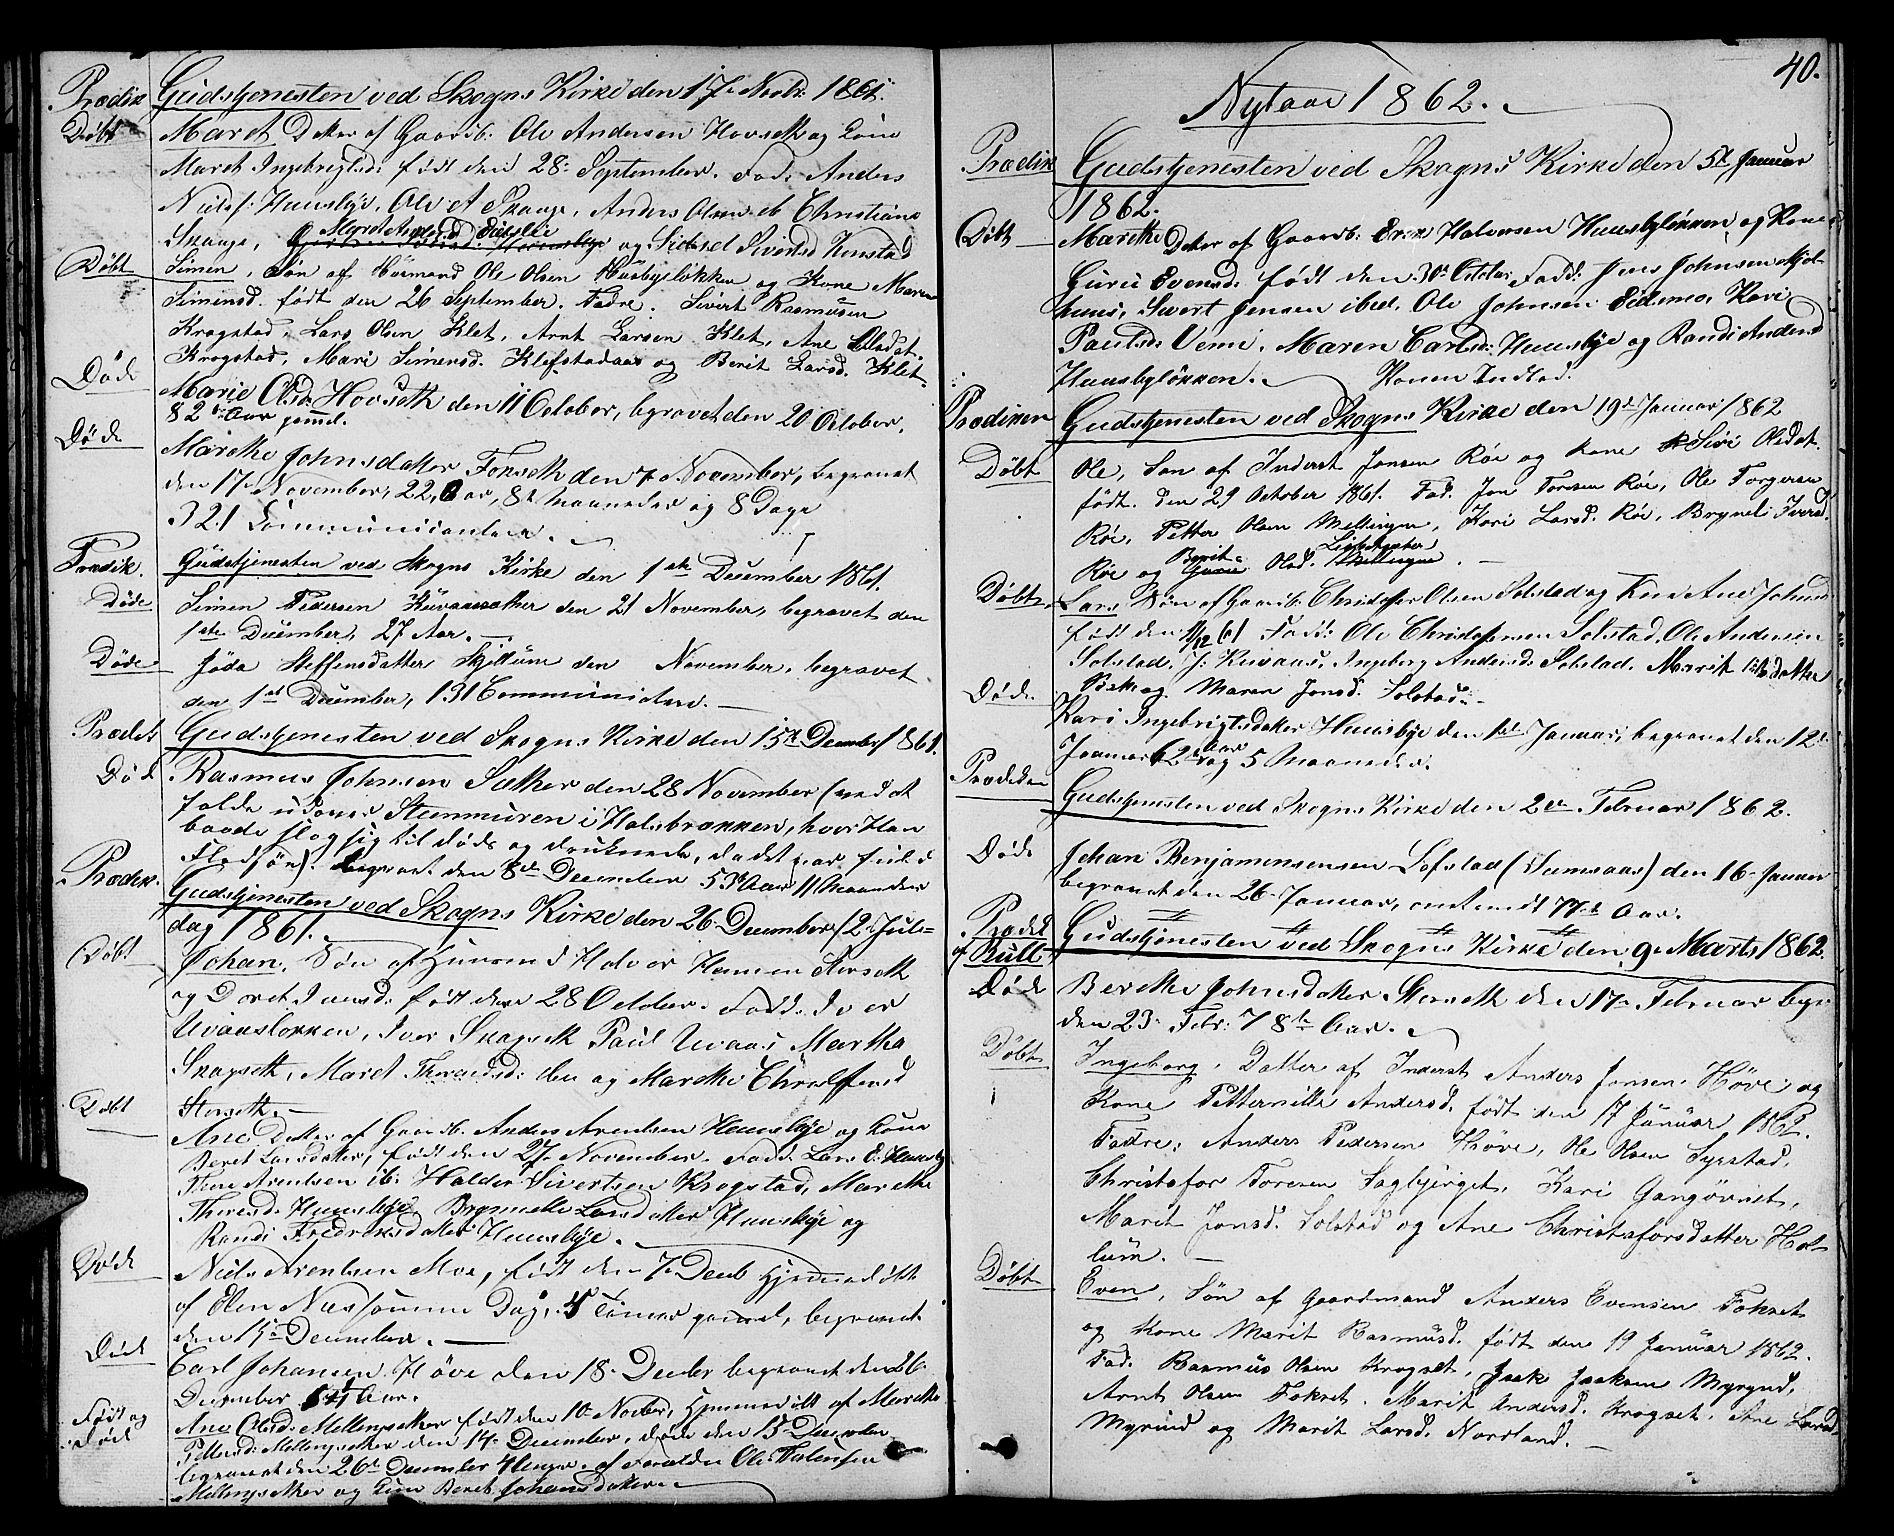 SAT, Ministerialprotokoller, klokkerbøker og fødselsregistre - Sør-Trøndelag, 667/L0797: Klokkerbok nr. 667C02, 1849-1867, s. 40